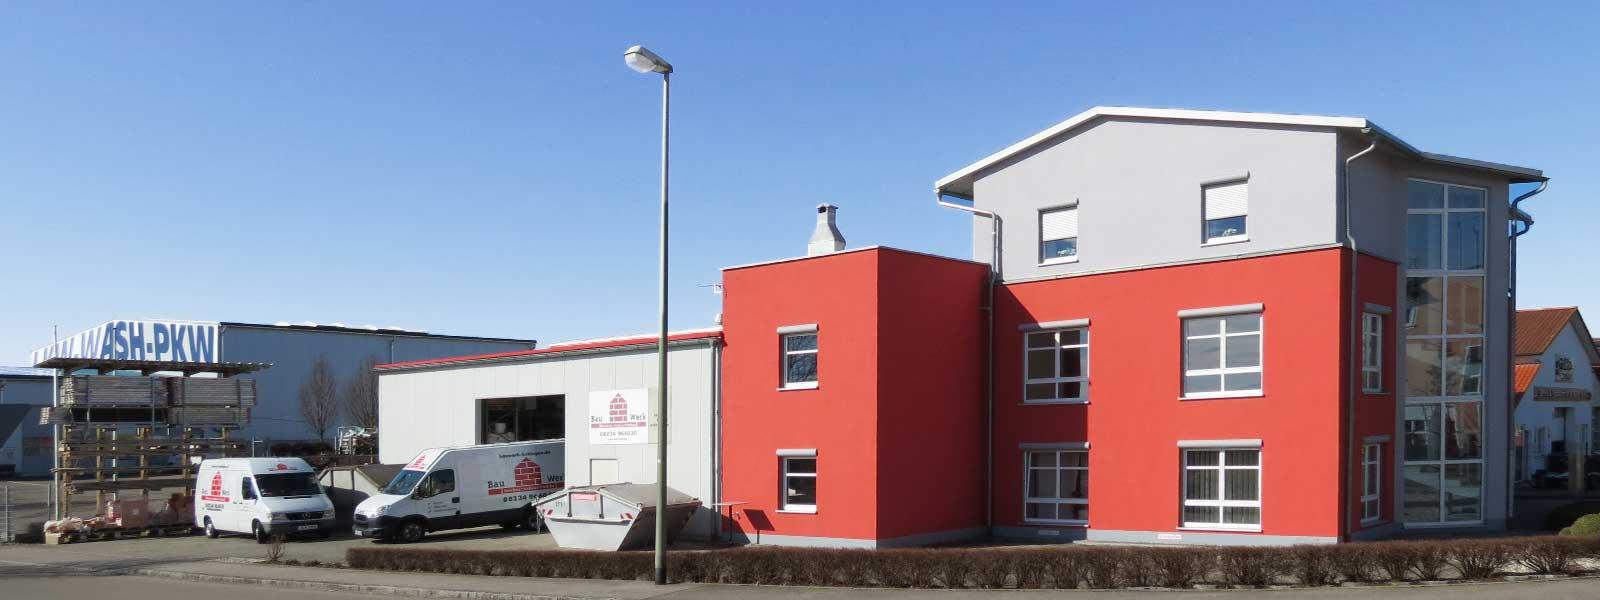 Bauwerk Bobingen - über unser Unternehmen